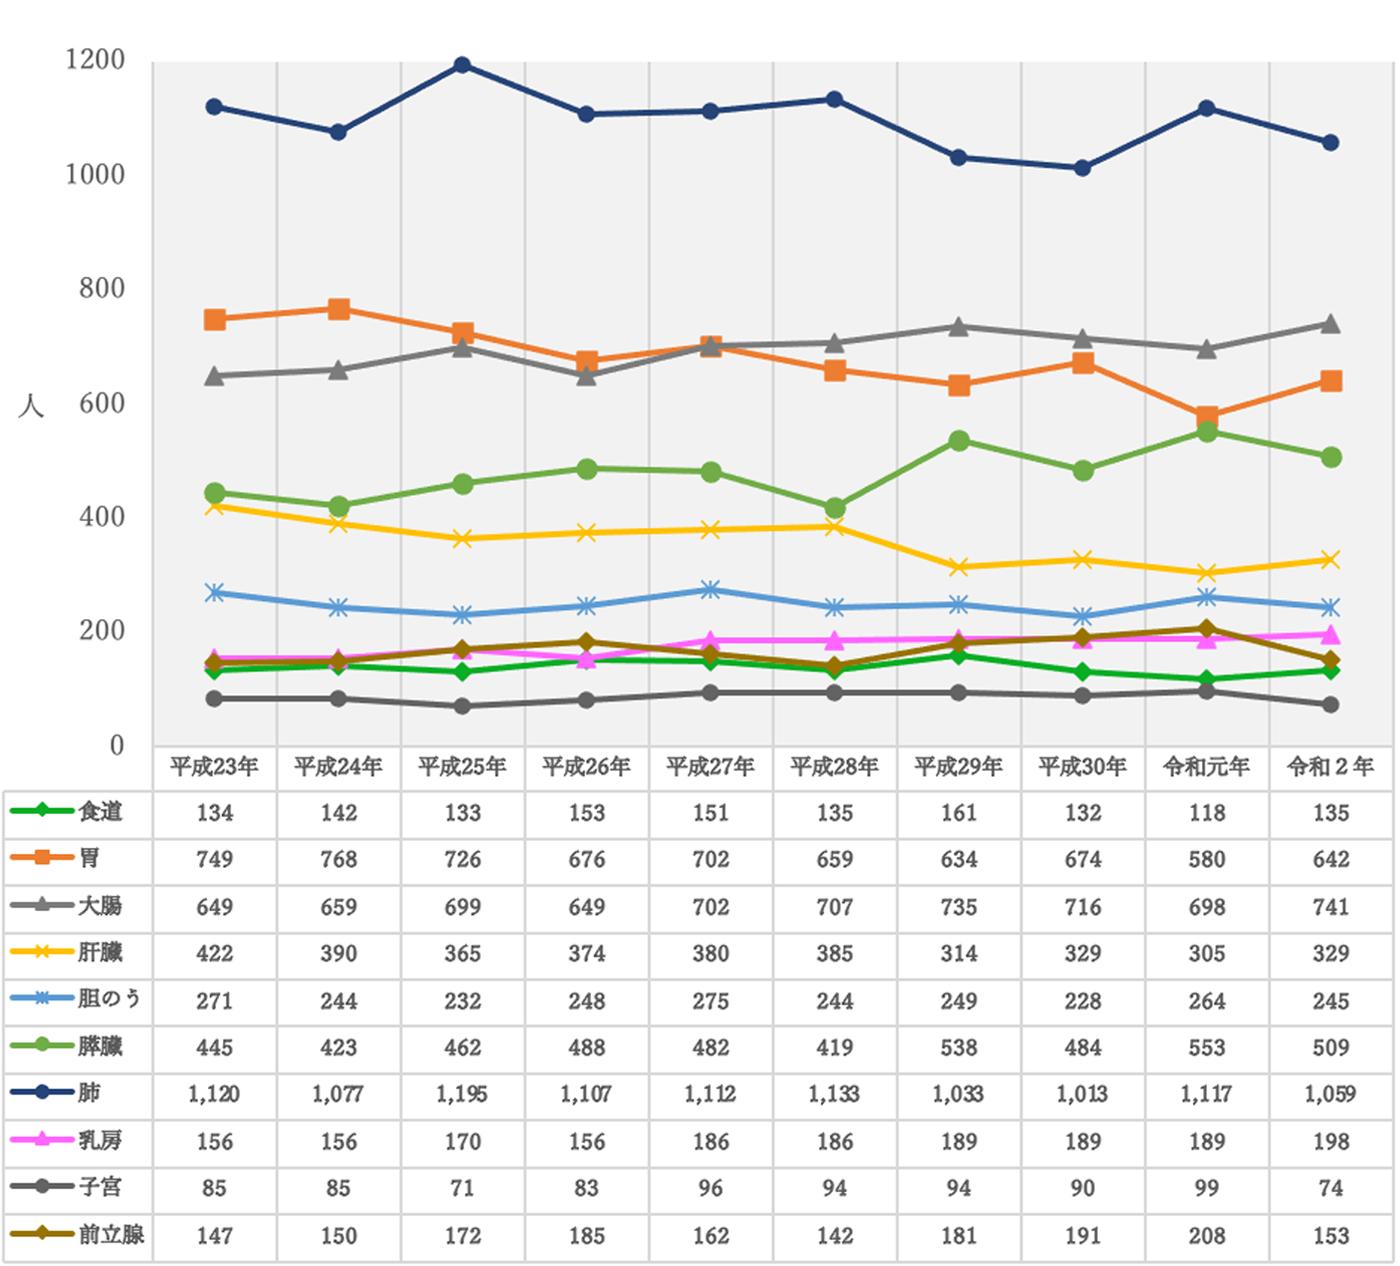 三重県における主な部位別死亡者数の経年推移